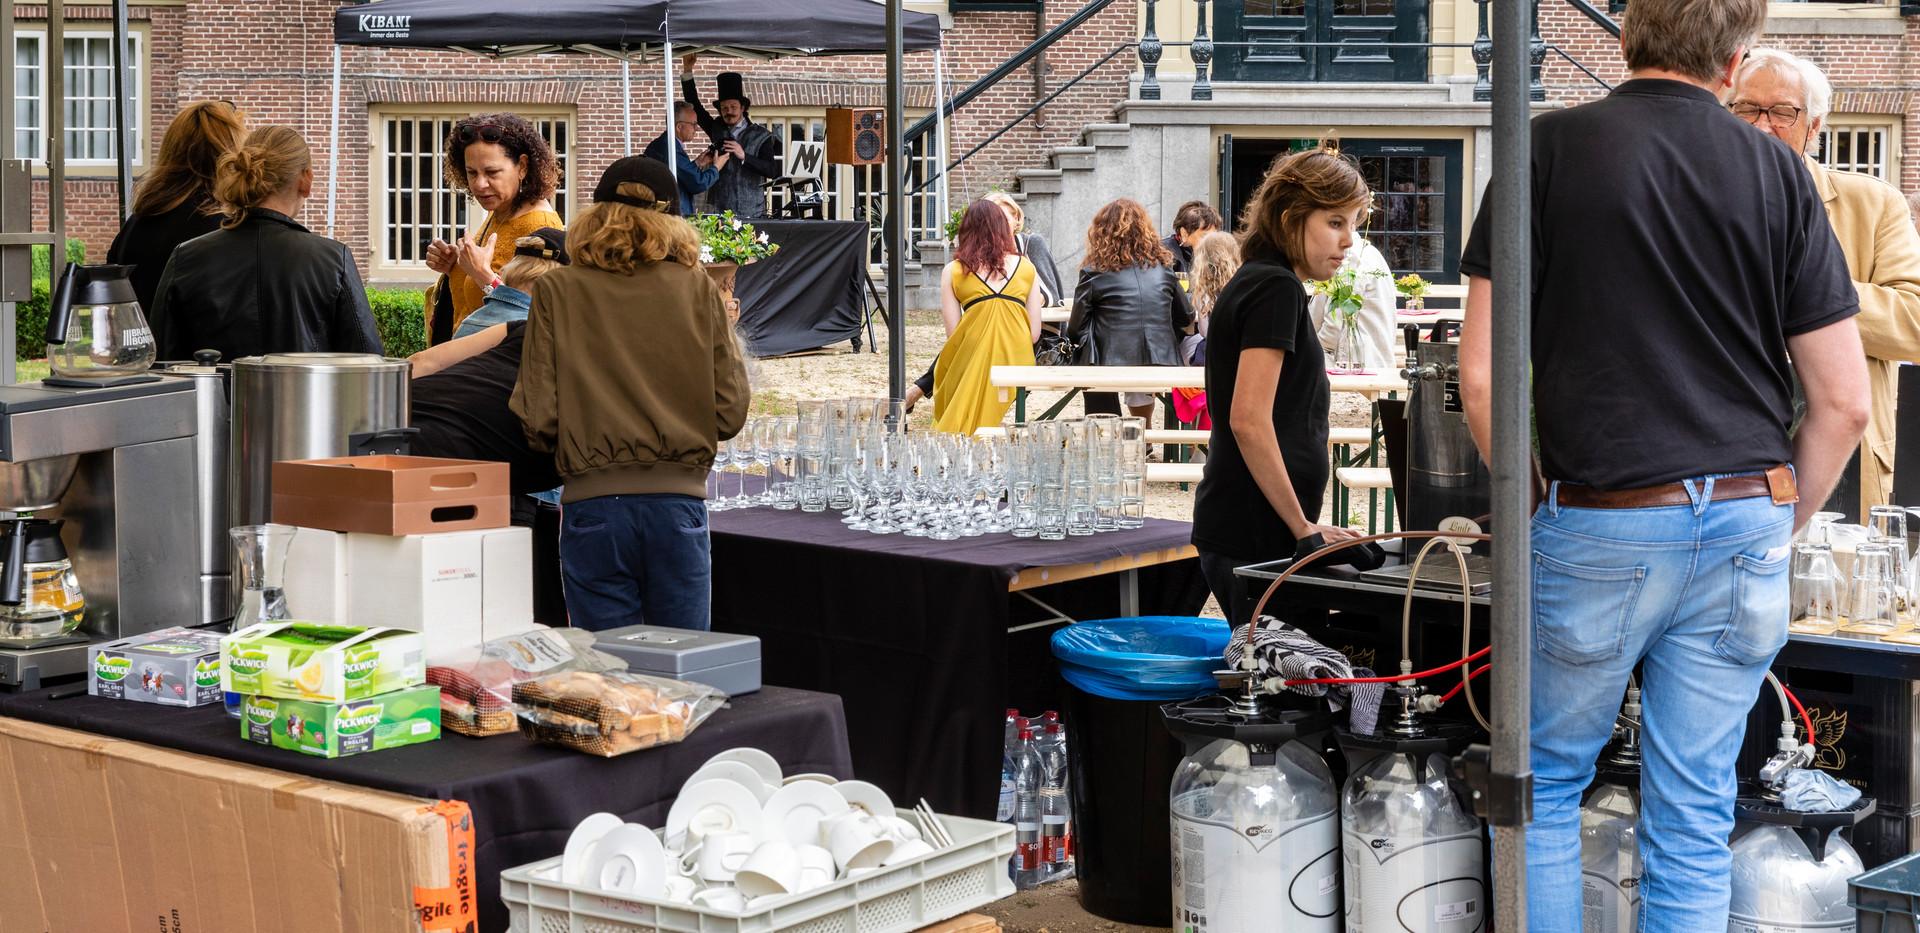 Festival Groeneveld 2018